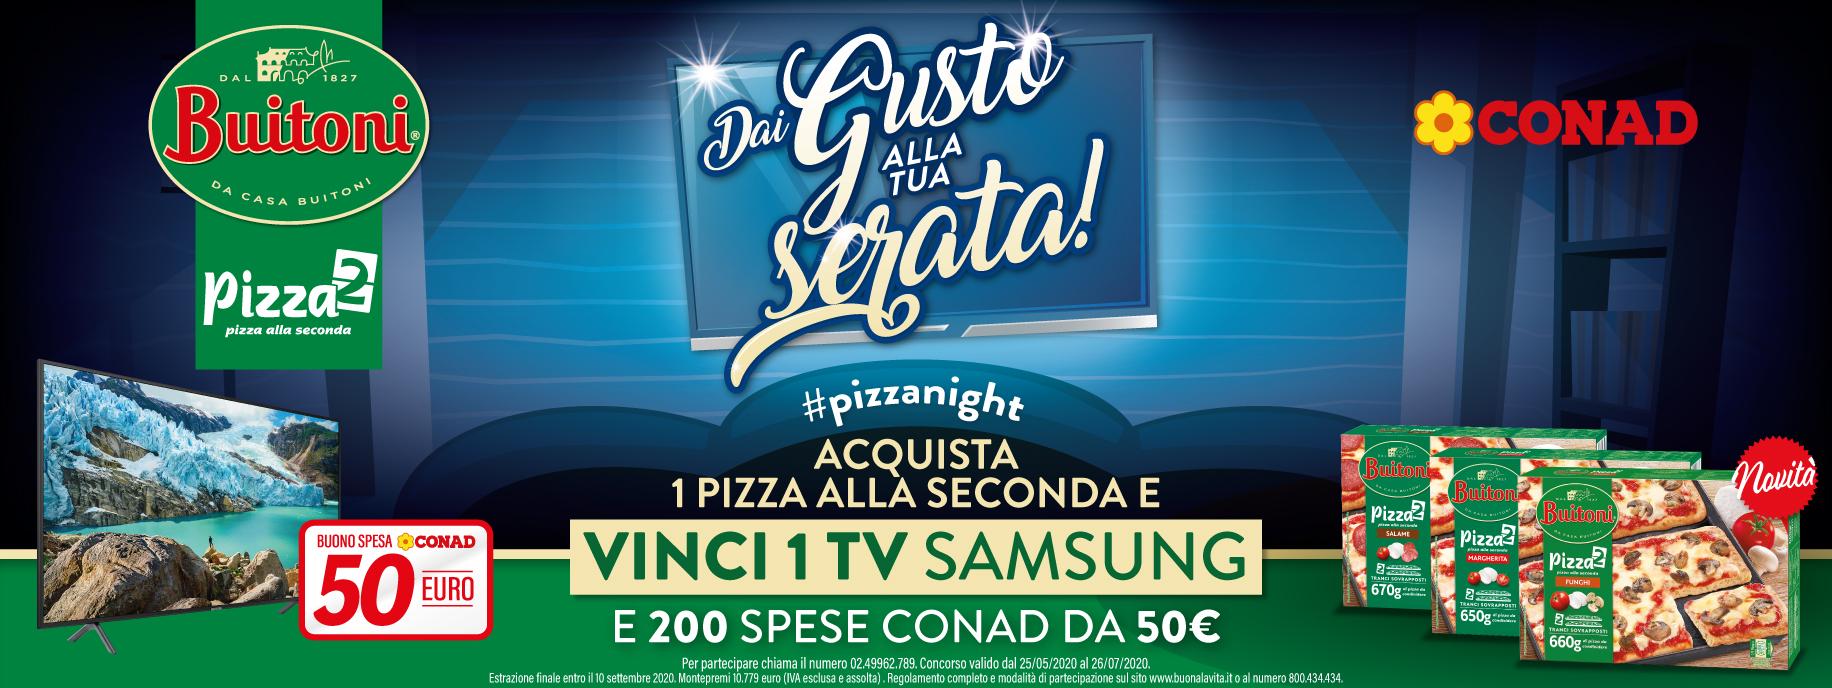 concorso Buitoni pizza vinci 200 buoni spesa e tv samsung